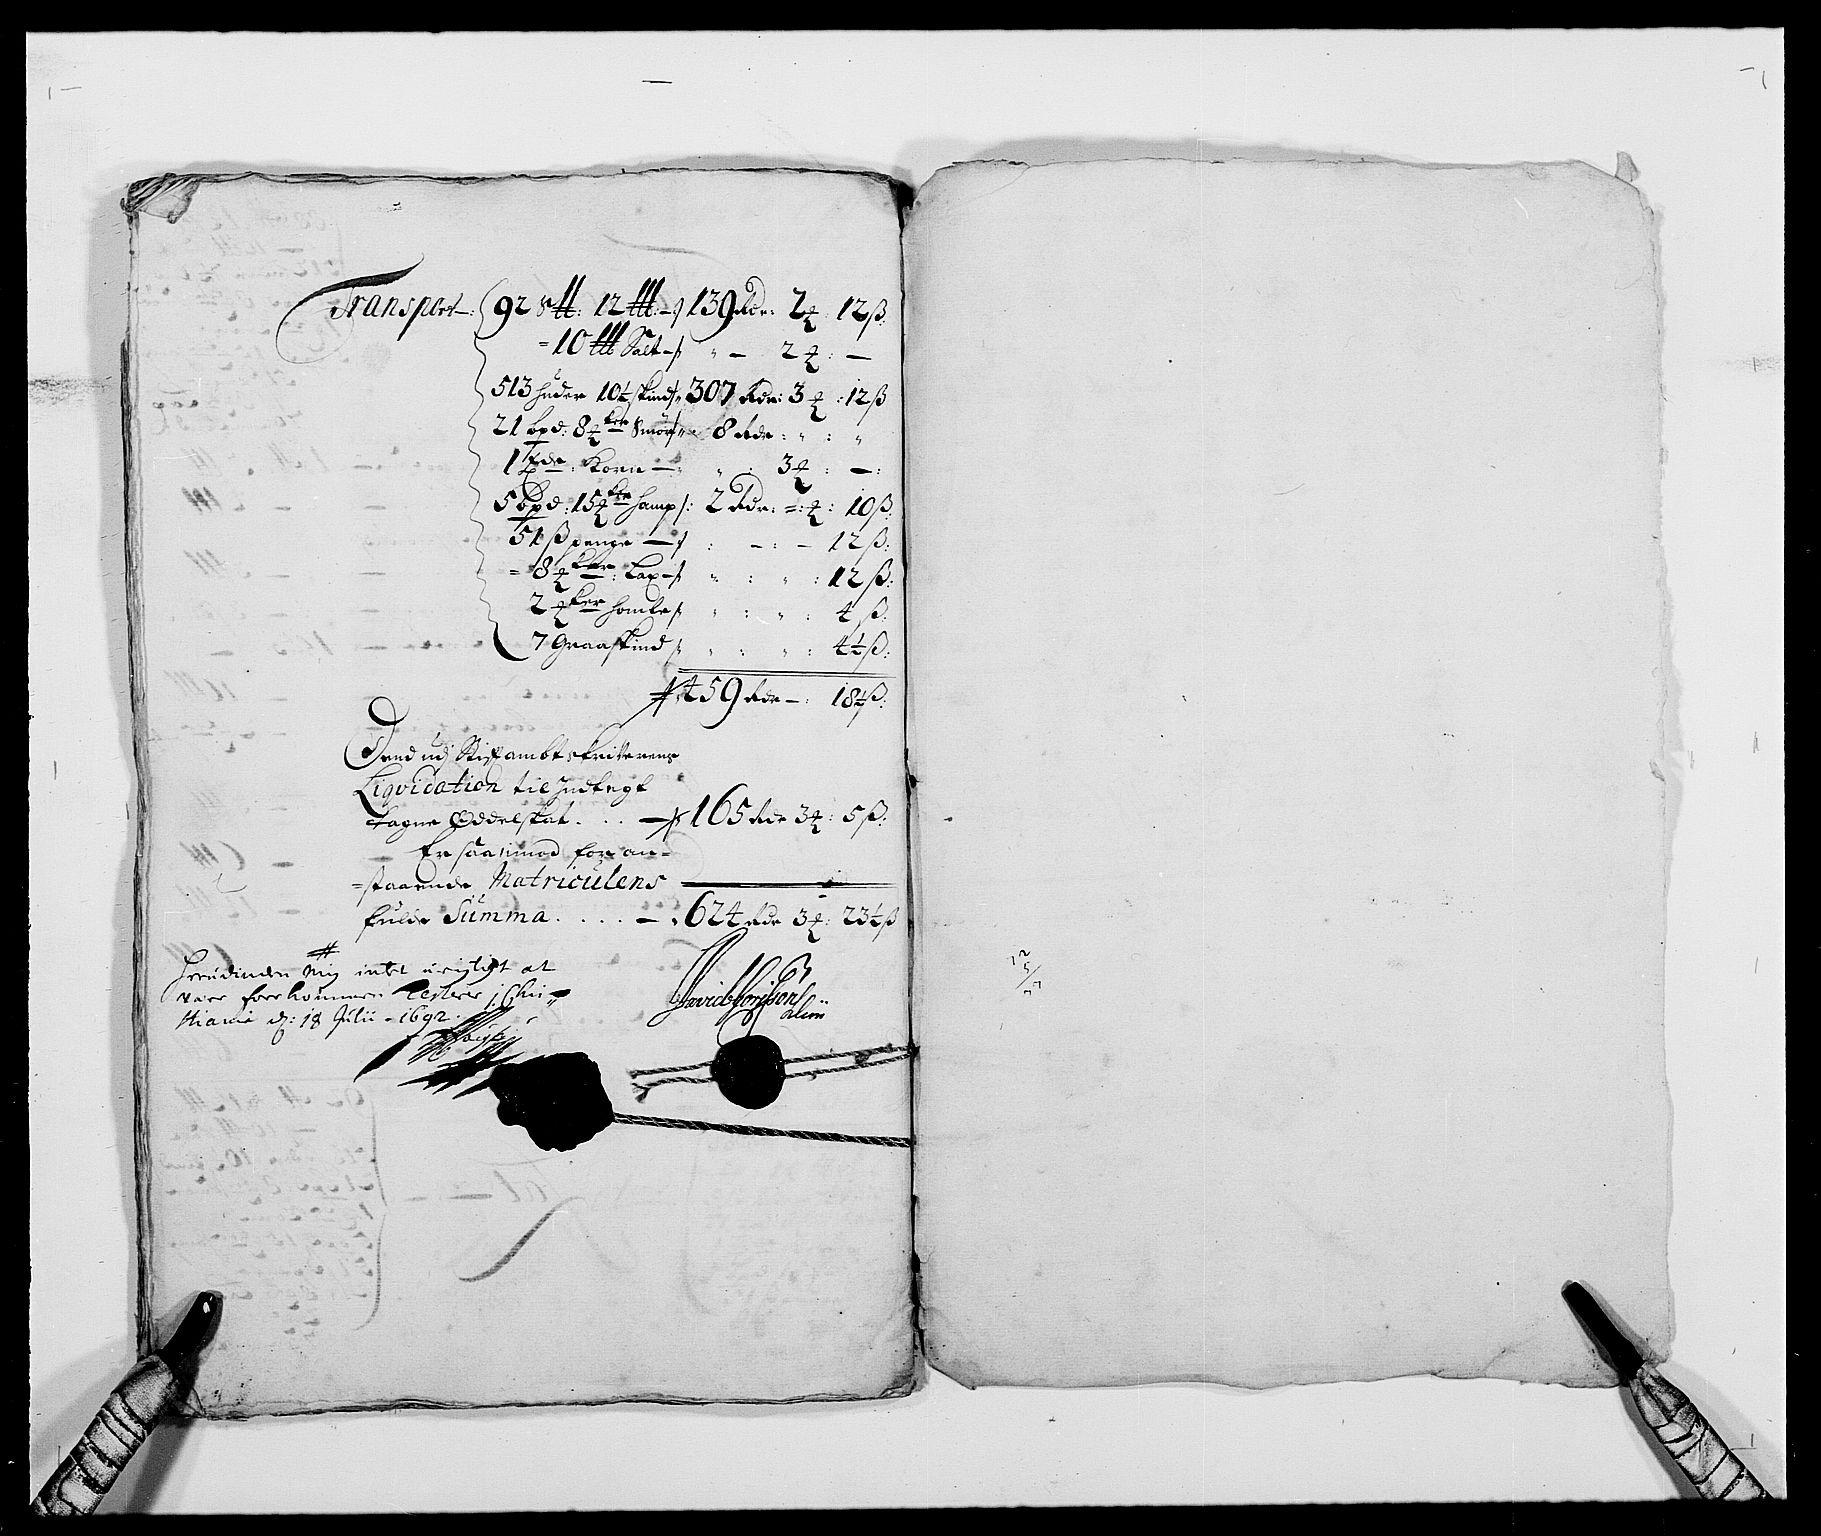 RA, Rentekammeret inntil 1814, Reviderte regnskaper, Fogderegnskap, R24/L1573: Fogderegnskap Numedal og Sandsvær, 1687-1691, s. 510